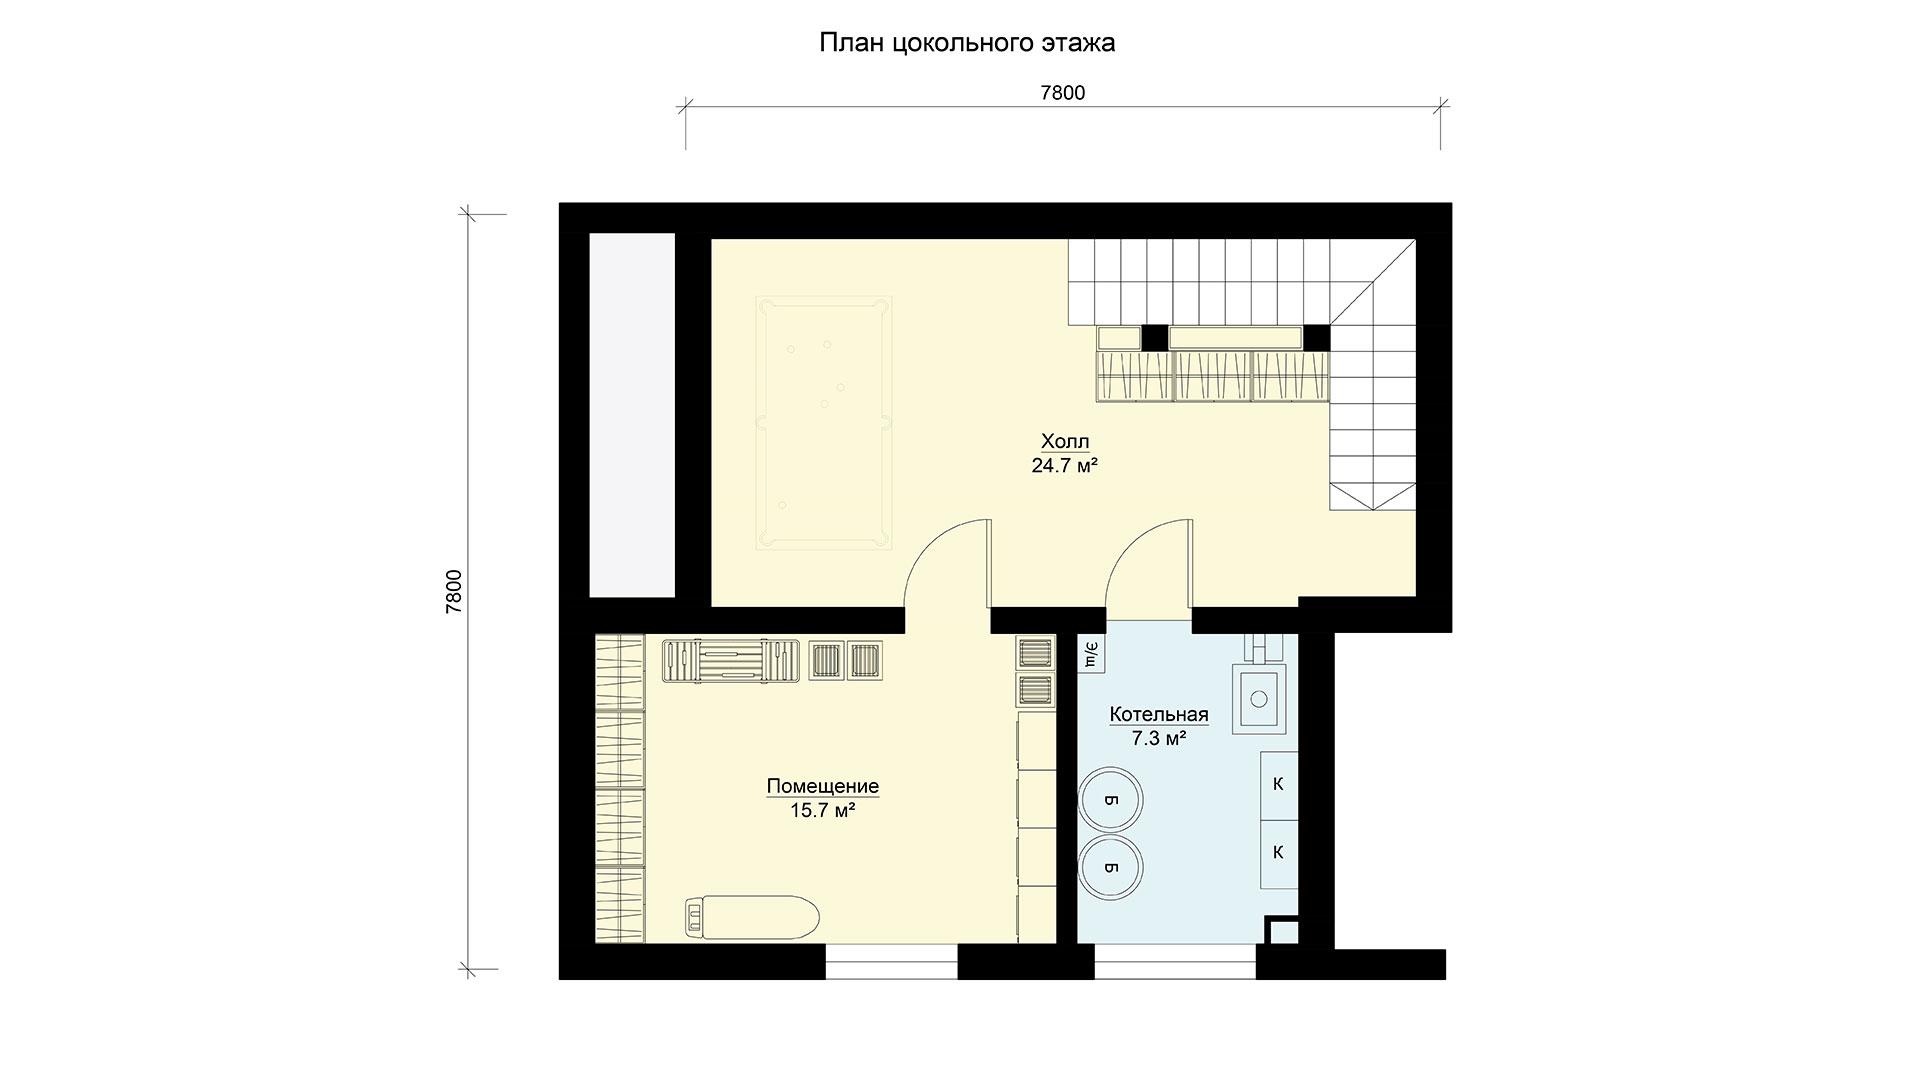 План цокольного этажа двухэтажного коттеджа БЭНПАН, проект БП-171.